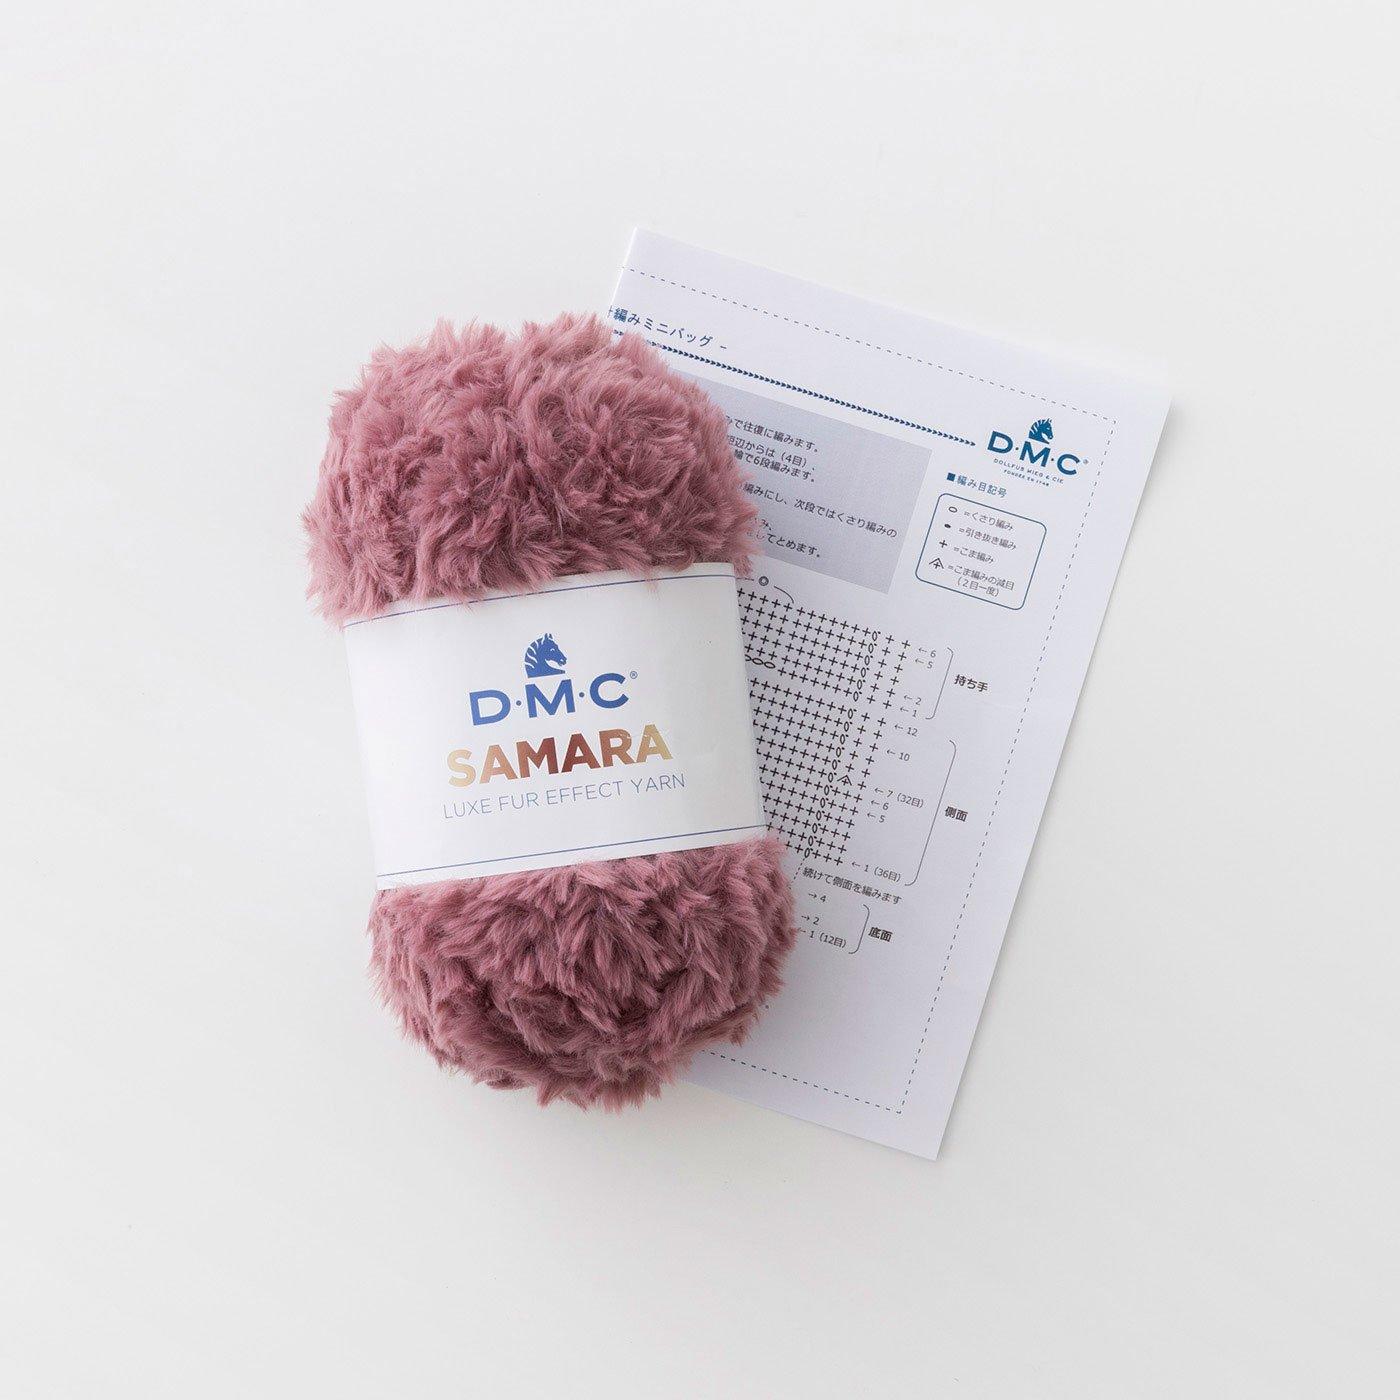 極太毛糸 SAMARA(サマラ)で編むかぎ針編みミニバッグ